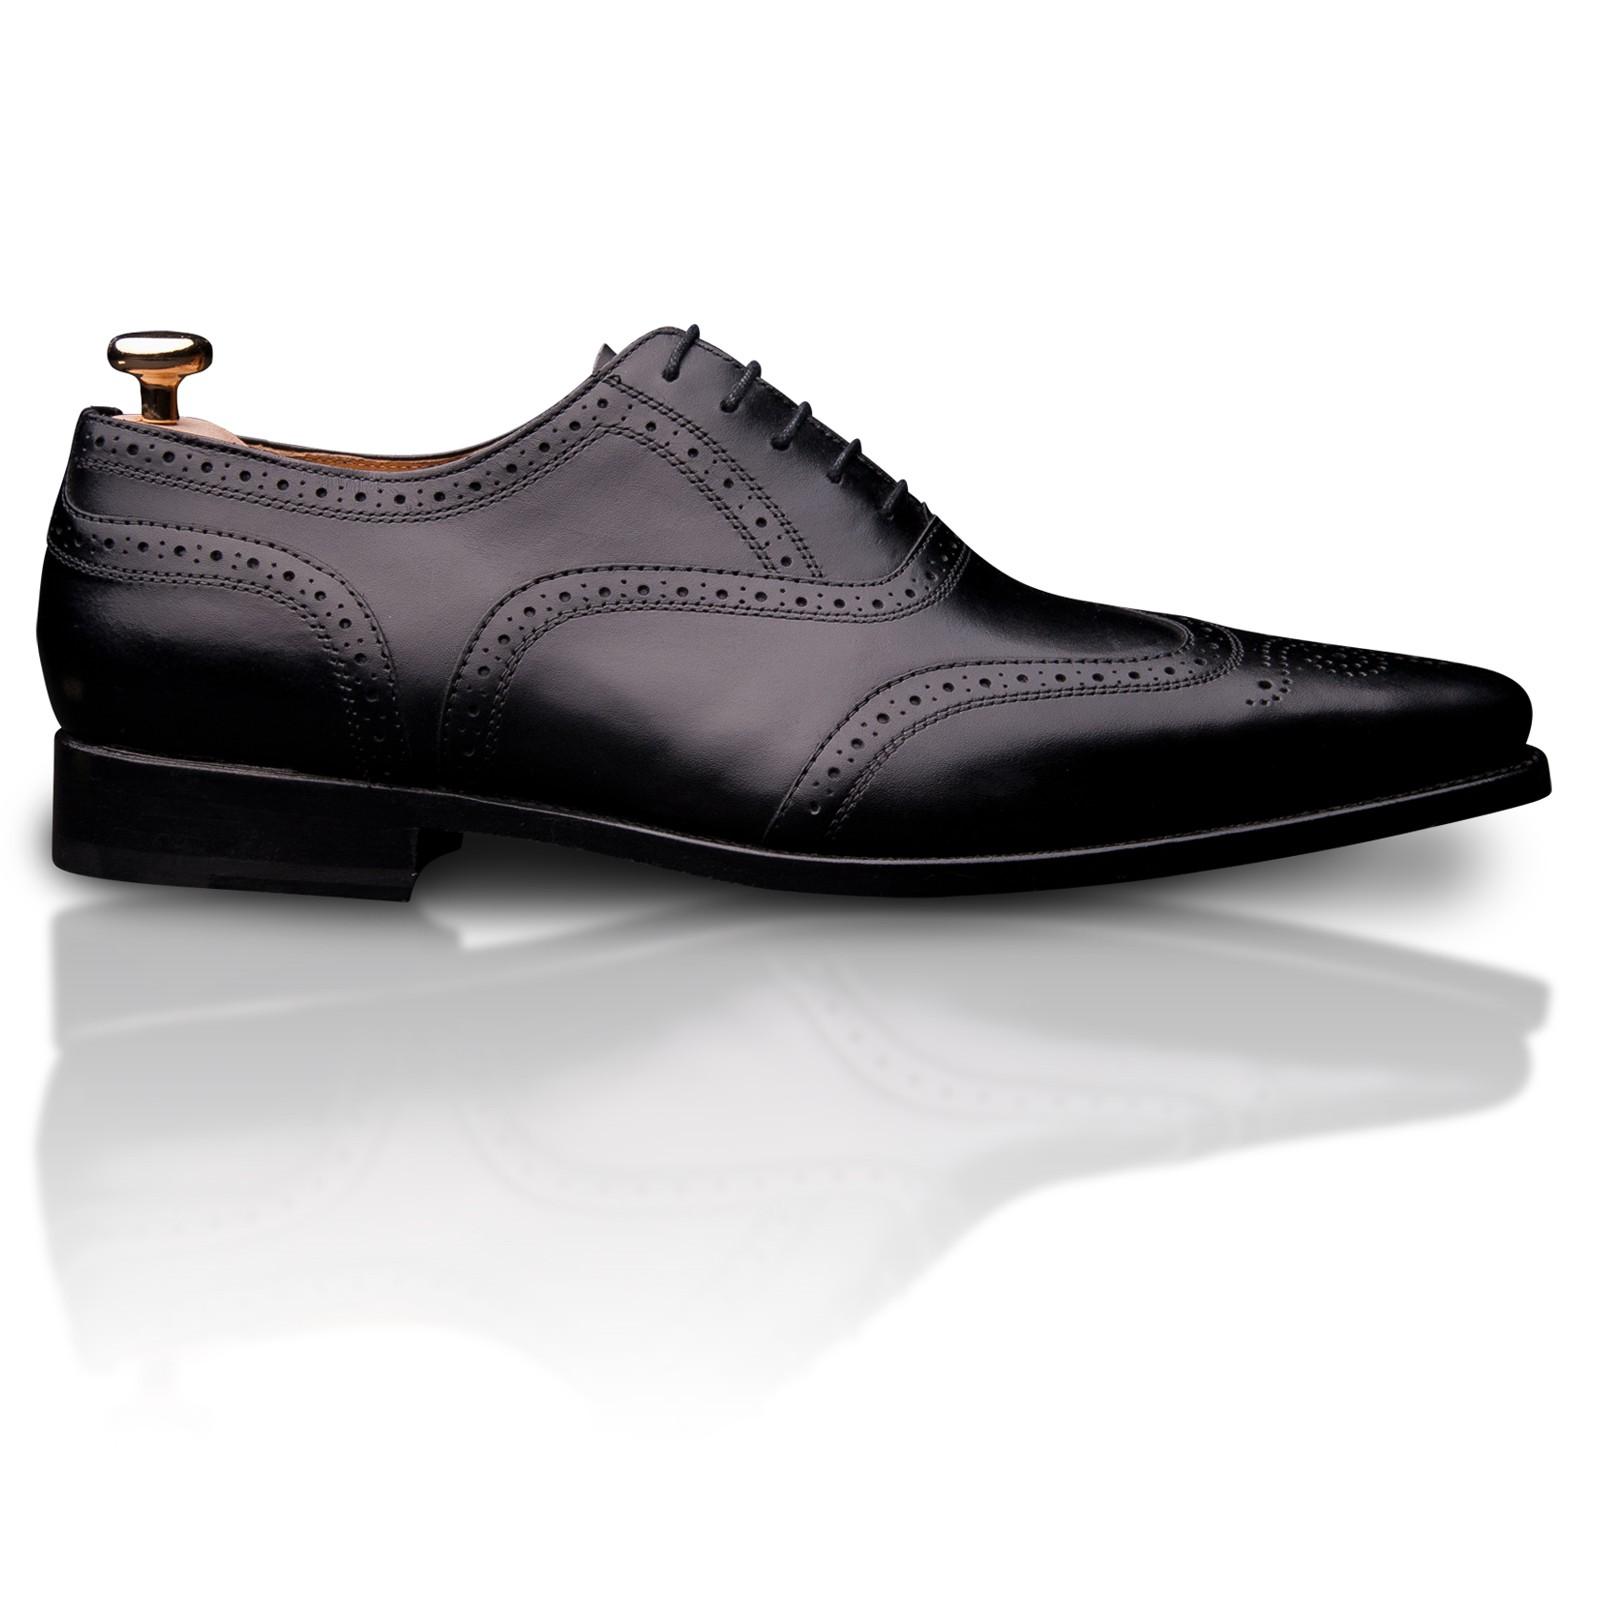 Chaussures de tango marque turquoise chaussures marque flexible chaussure de marque remonte - Marque place pas cher ...